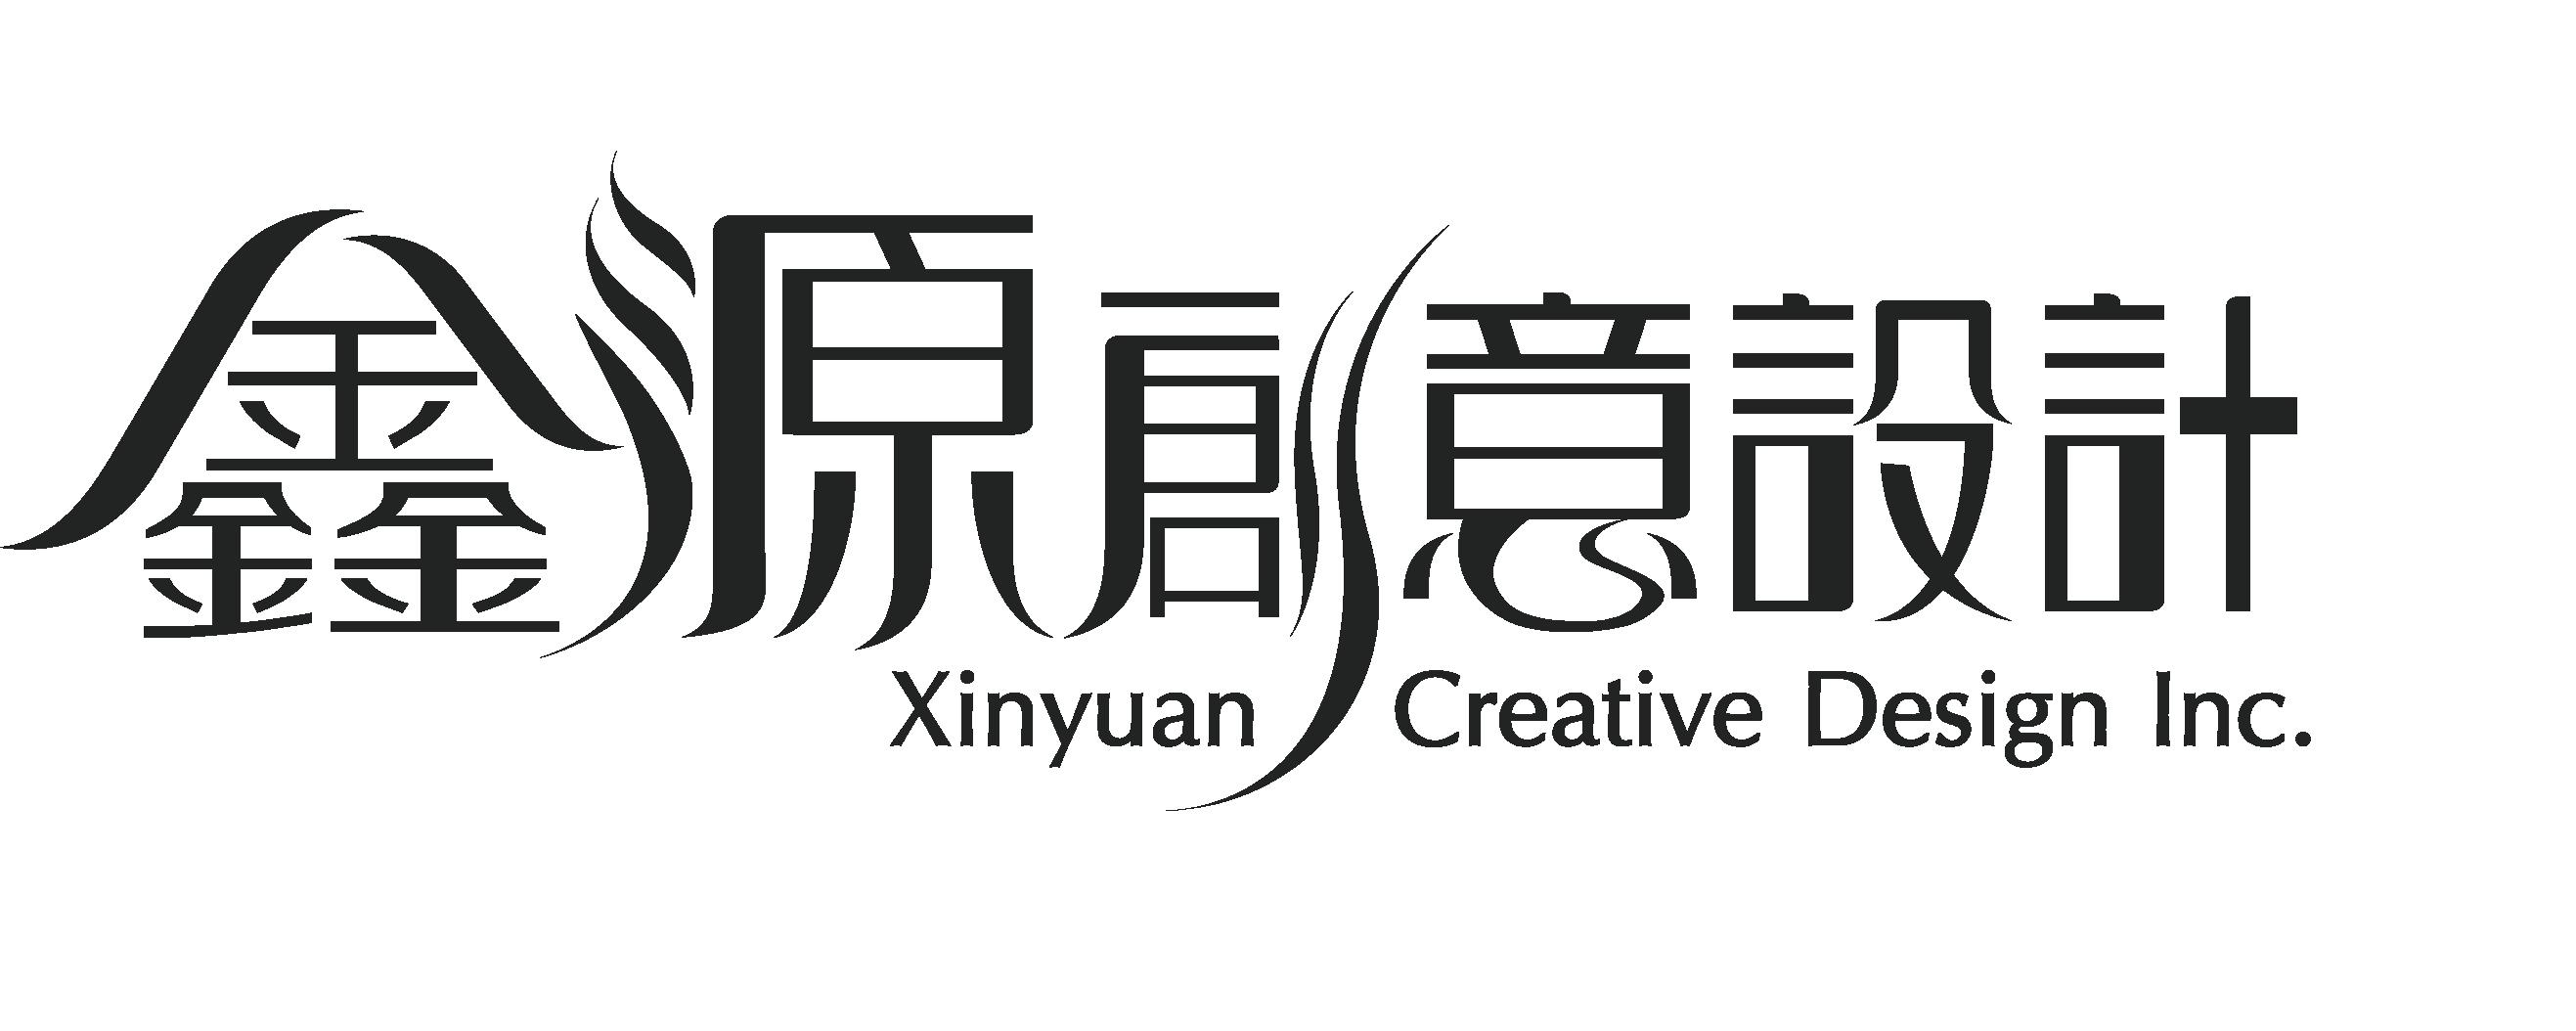 鑫源創意設計印刷股份有限公司|Xinyuan Creative Design